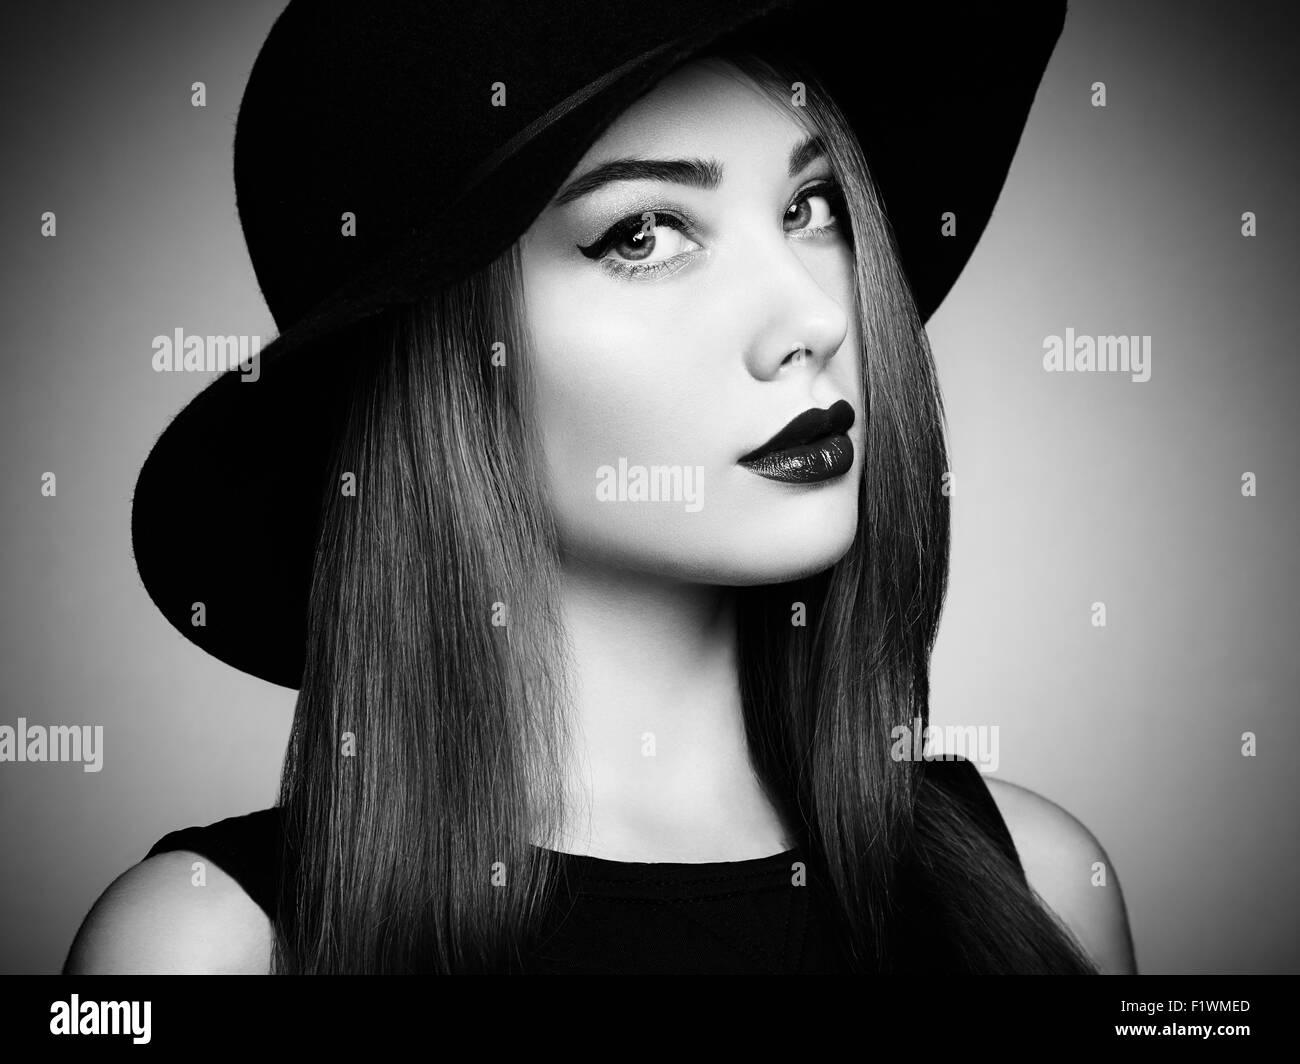 Modefoto jungen herrliche Frau mit Hut. Mädchen posiert. Studio Foto.  Perfektes Make-up. Schwarz   weiß 284f84fffe